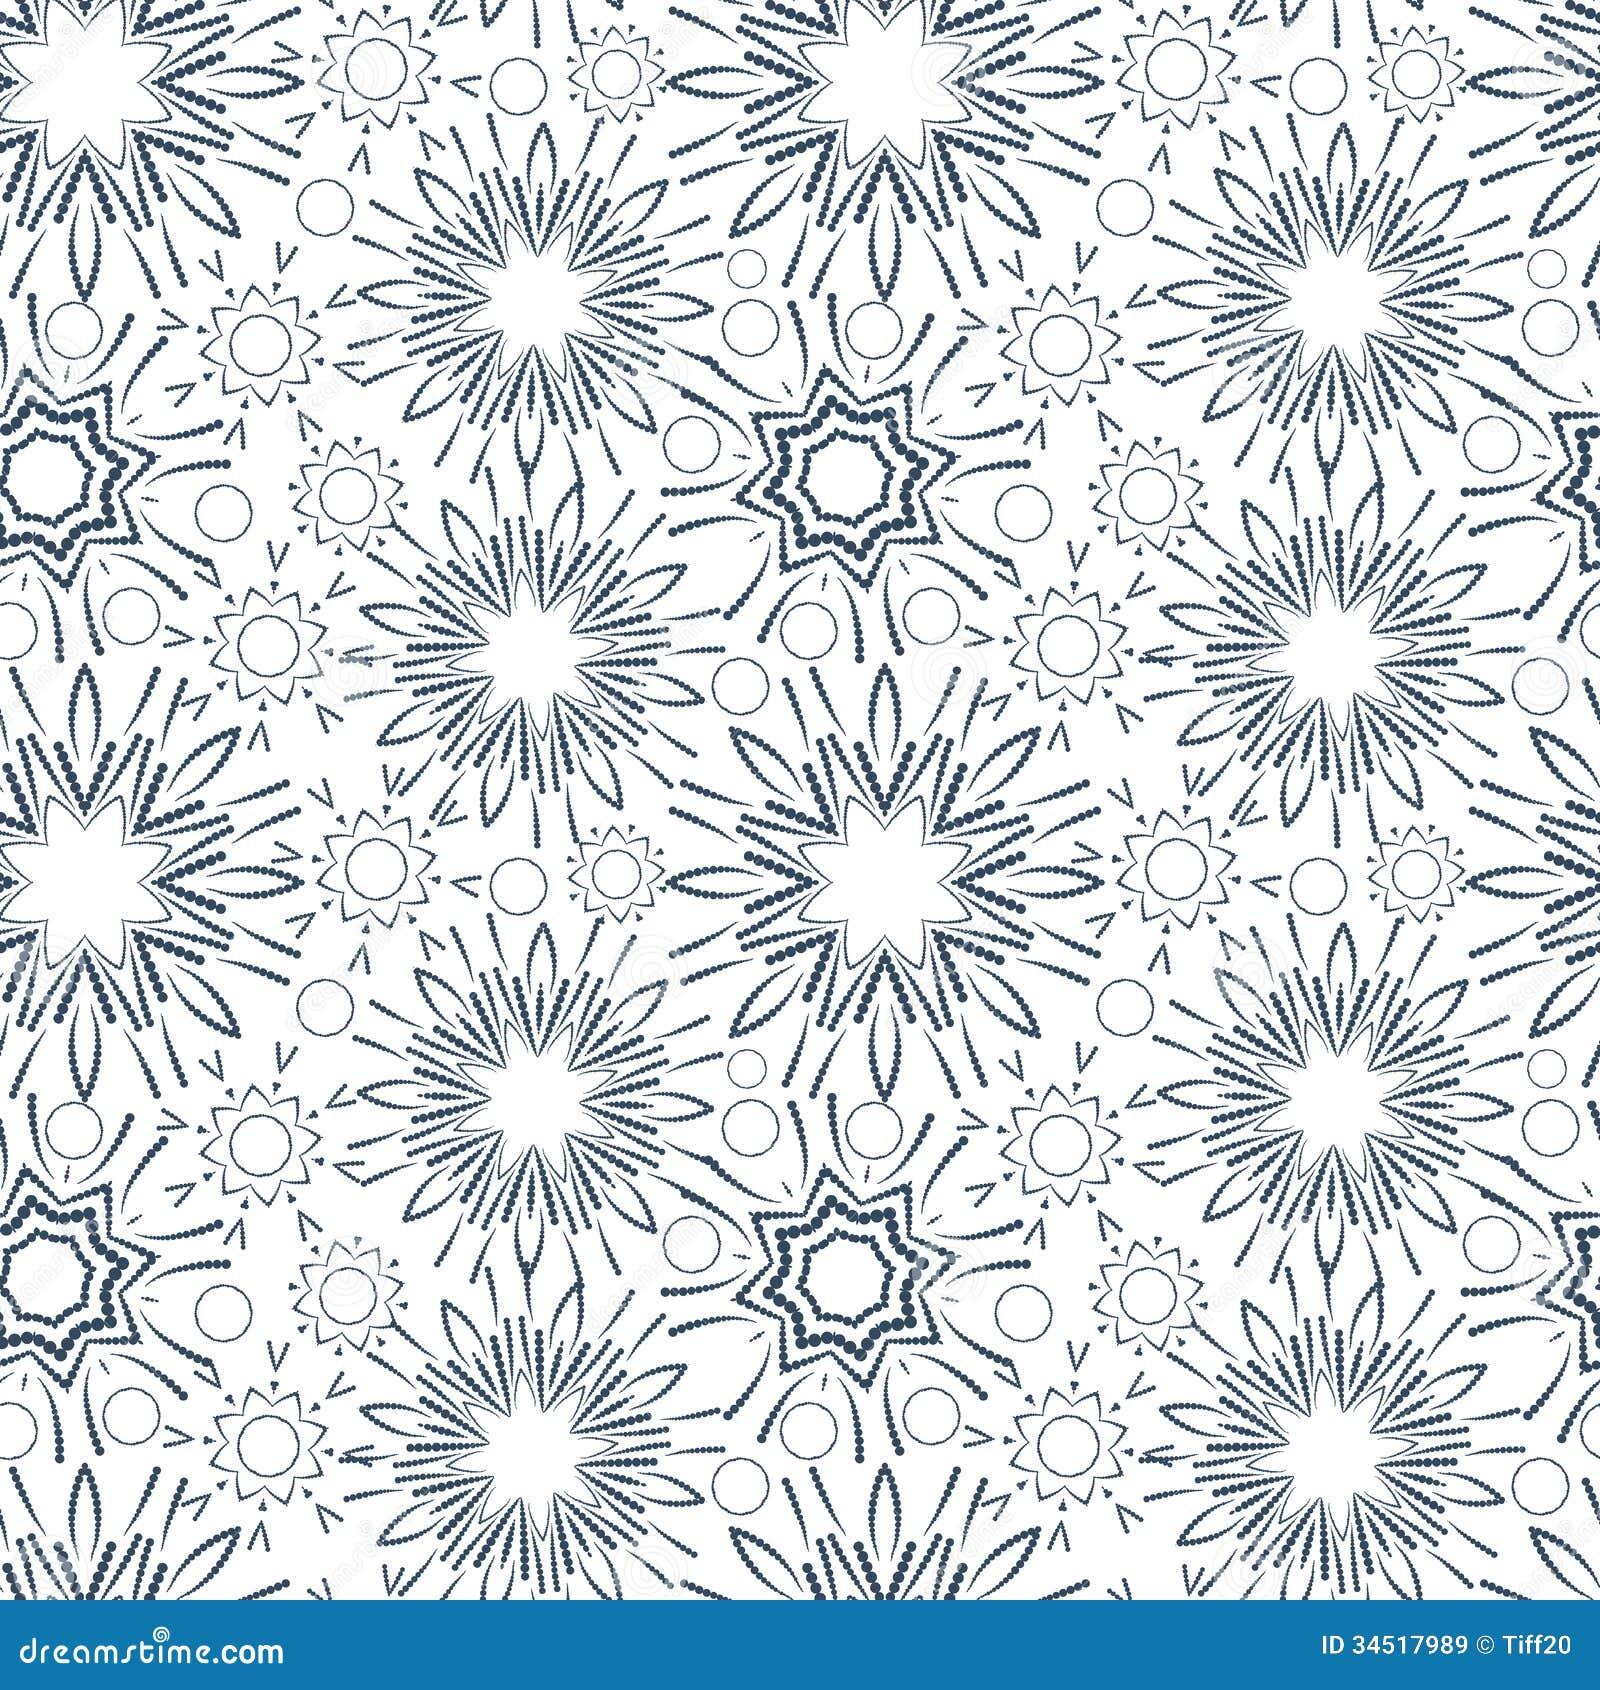 pattern royalty background patterns - photo #25